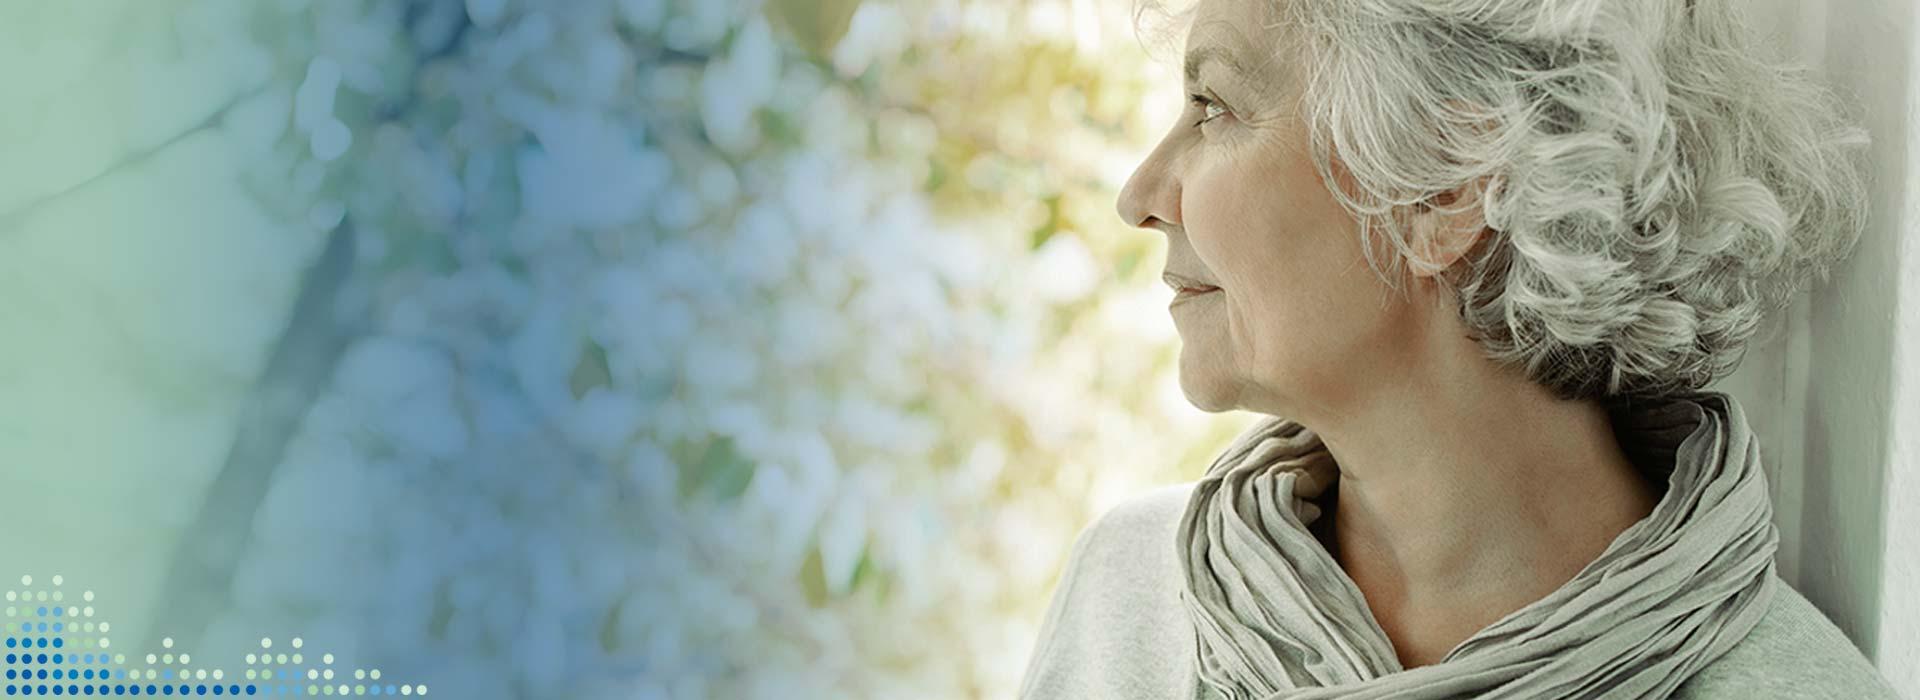 gehoorschade-voorkomen-audika